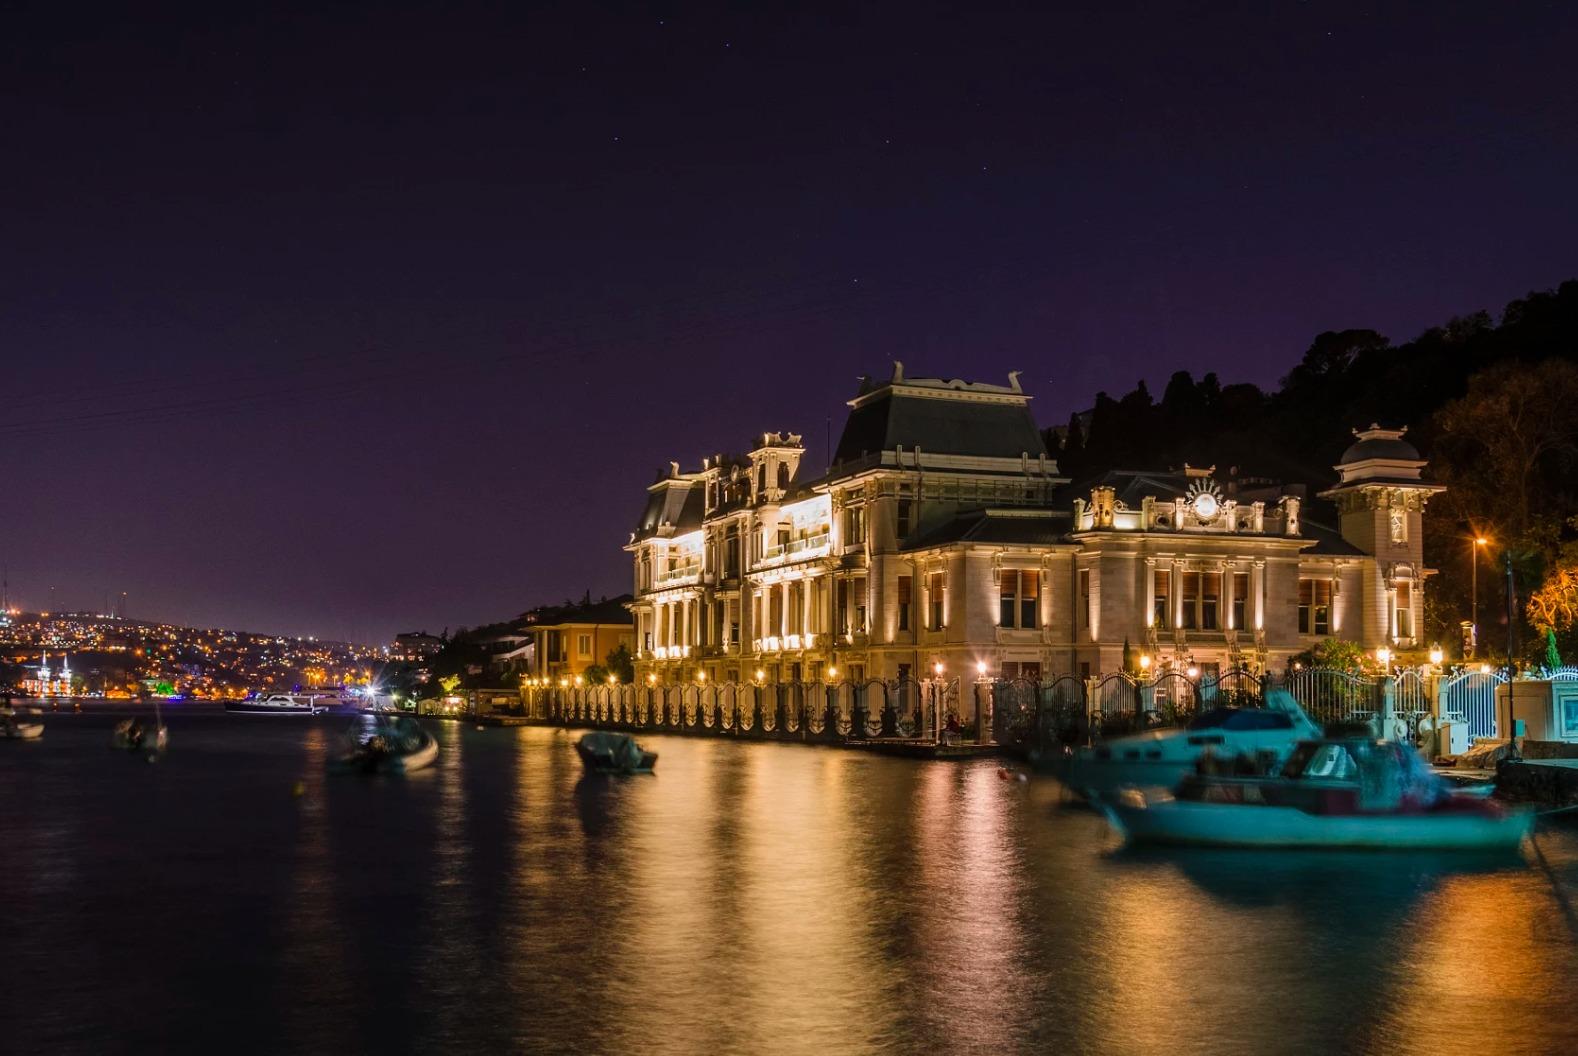 جدول سياحي في اسطنبول لمدة 7 ايام